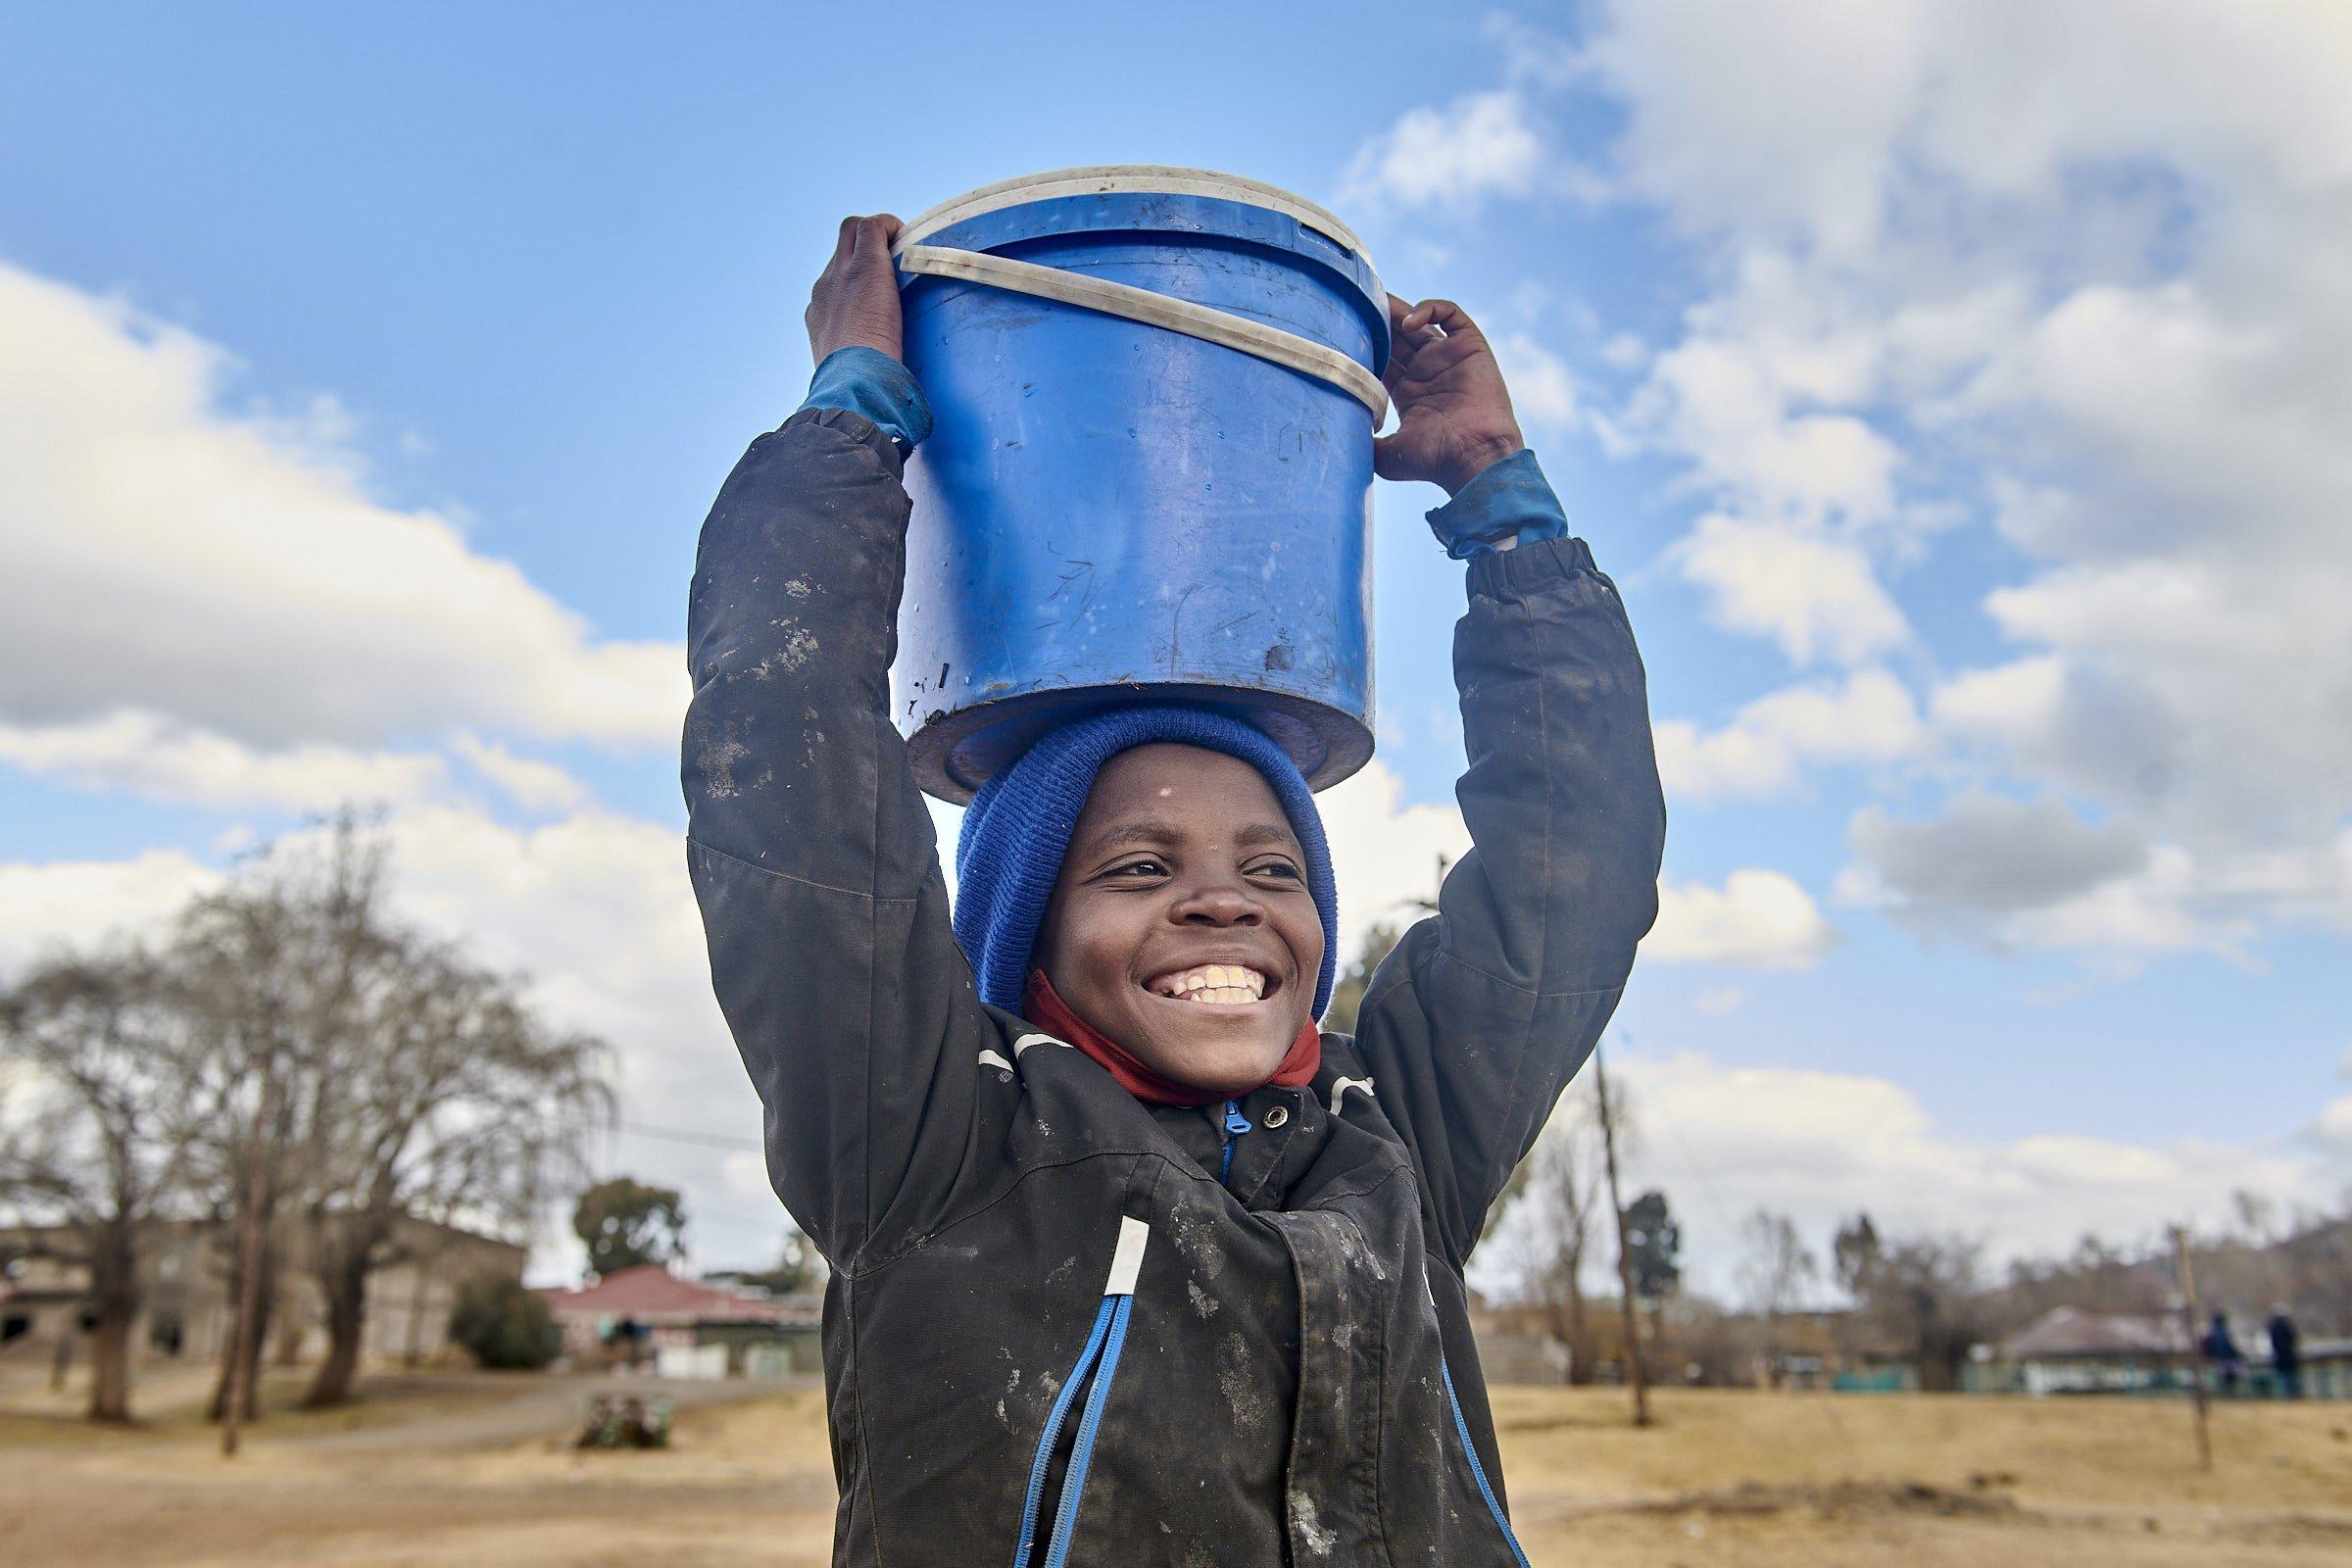 Das Mädchen strahlt über das ganze Gesicht, mit den Händen hält sie den blauen Wassereimer auf ihrem Kopf fest